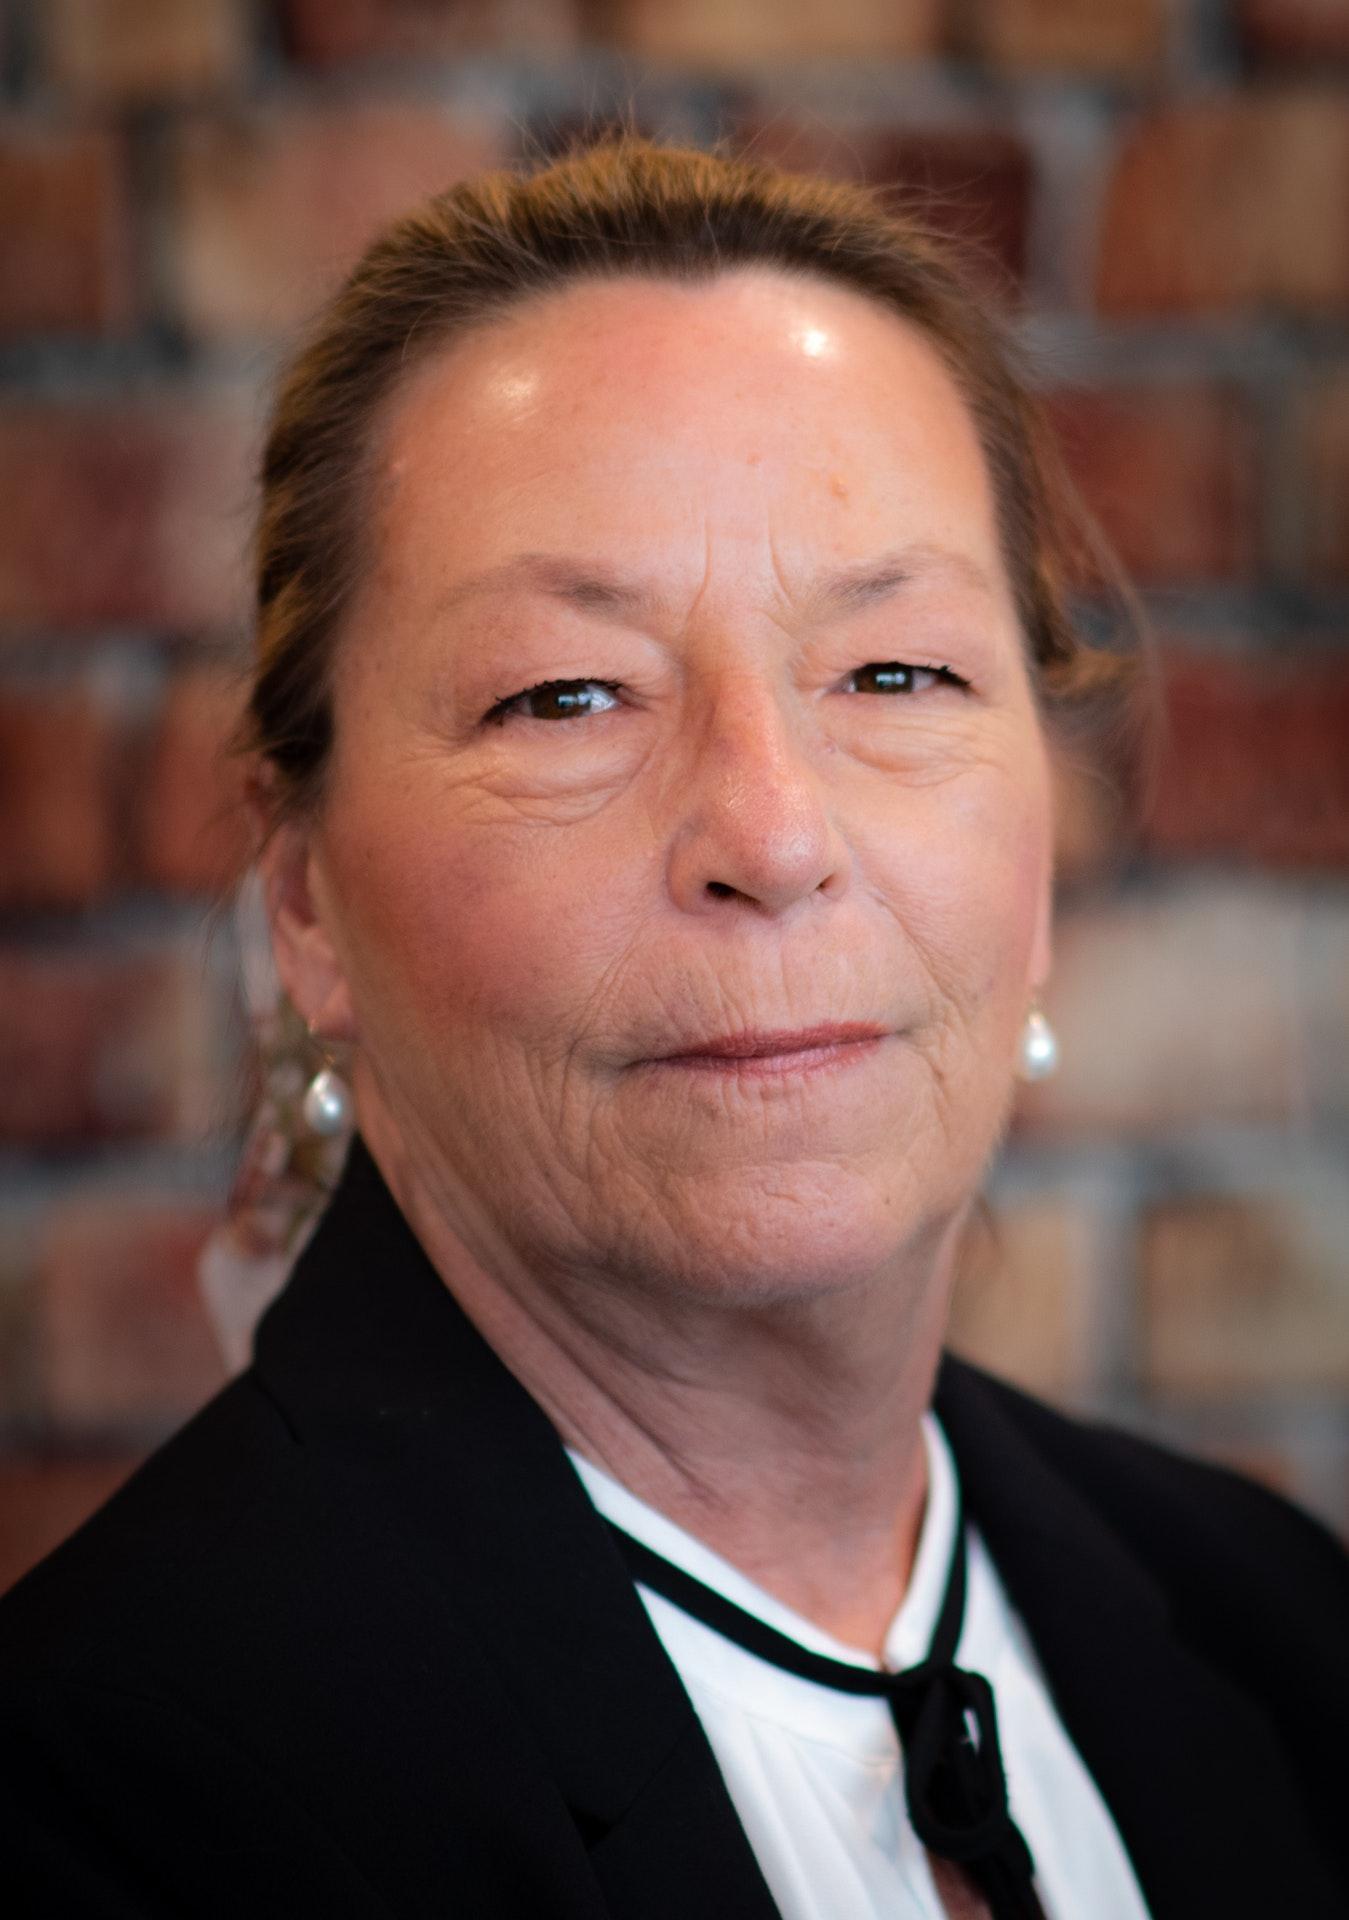 Karen-Knapik headshot